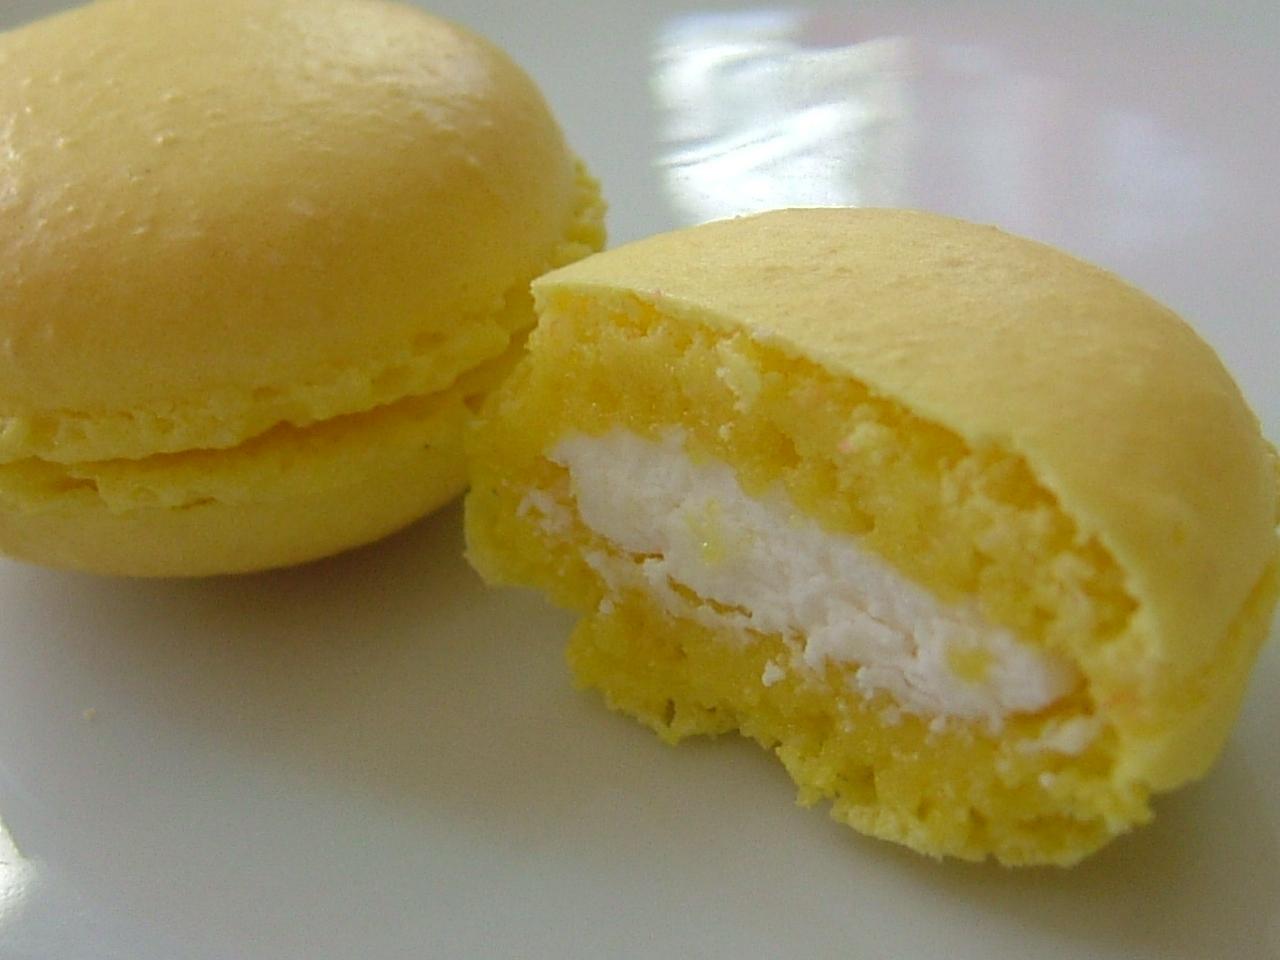 citron (シトロン)